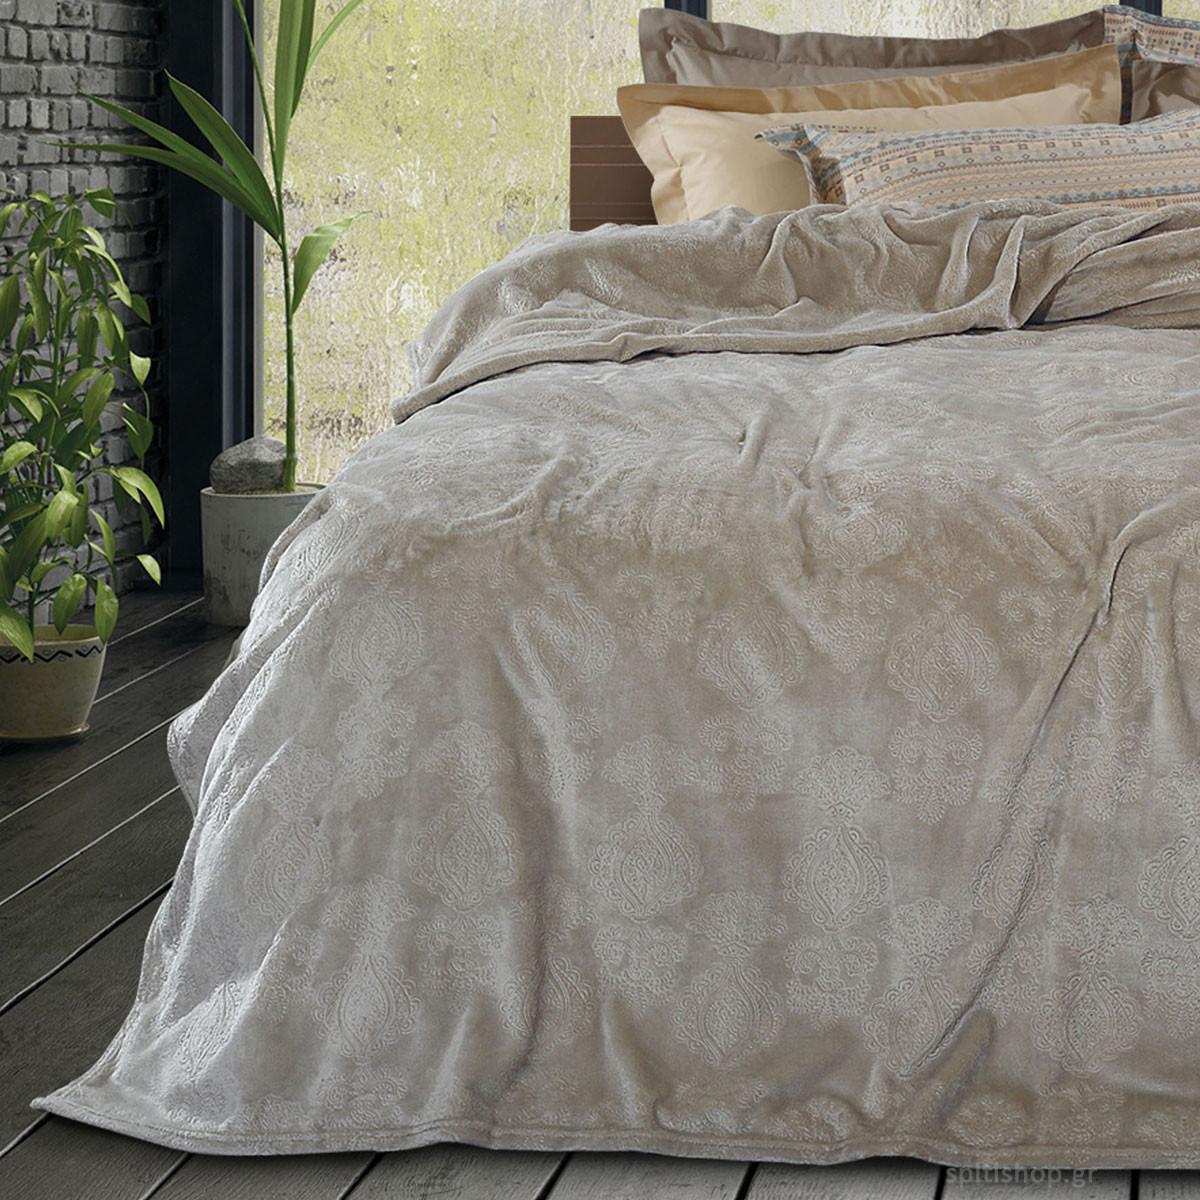 Κουβέρτα Fleece Υπέρδιπλη Das Home Blanket Line 421 home   κρεβατοκάμαρα   κουβέρτες   κουβέρτες fleece υπέρδιπλες